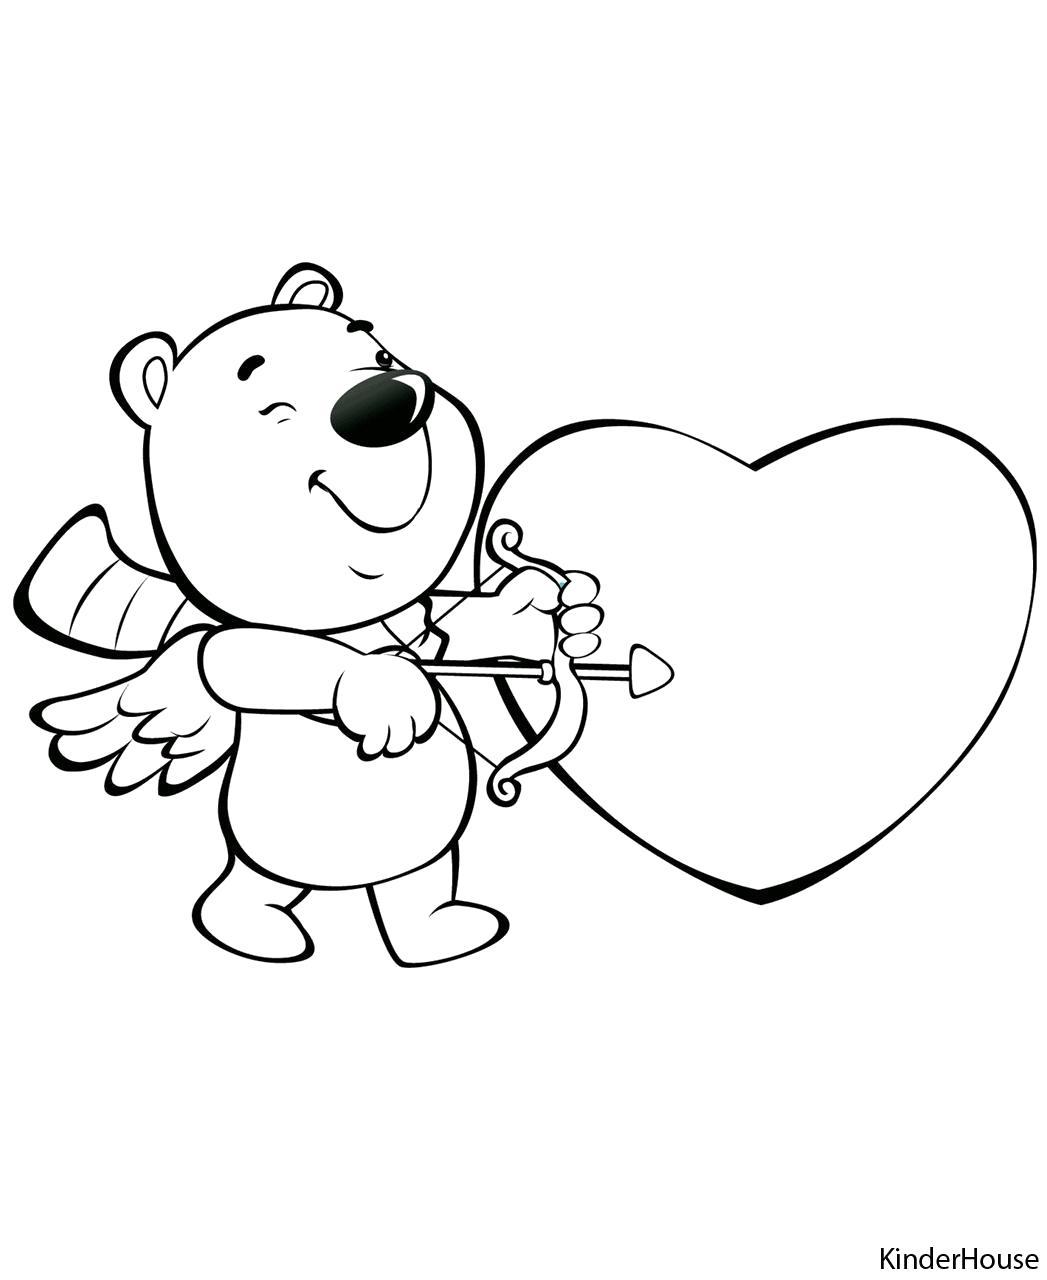 Раскраска Валентинка с мишкой. Скачать день Святого Валентина.  Распечатать день Святого Валентина